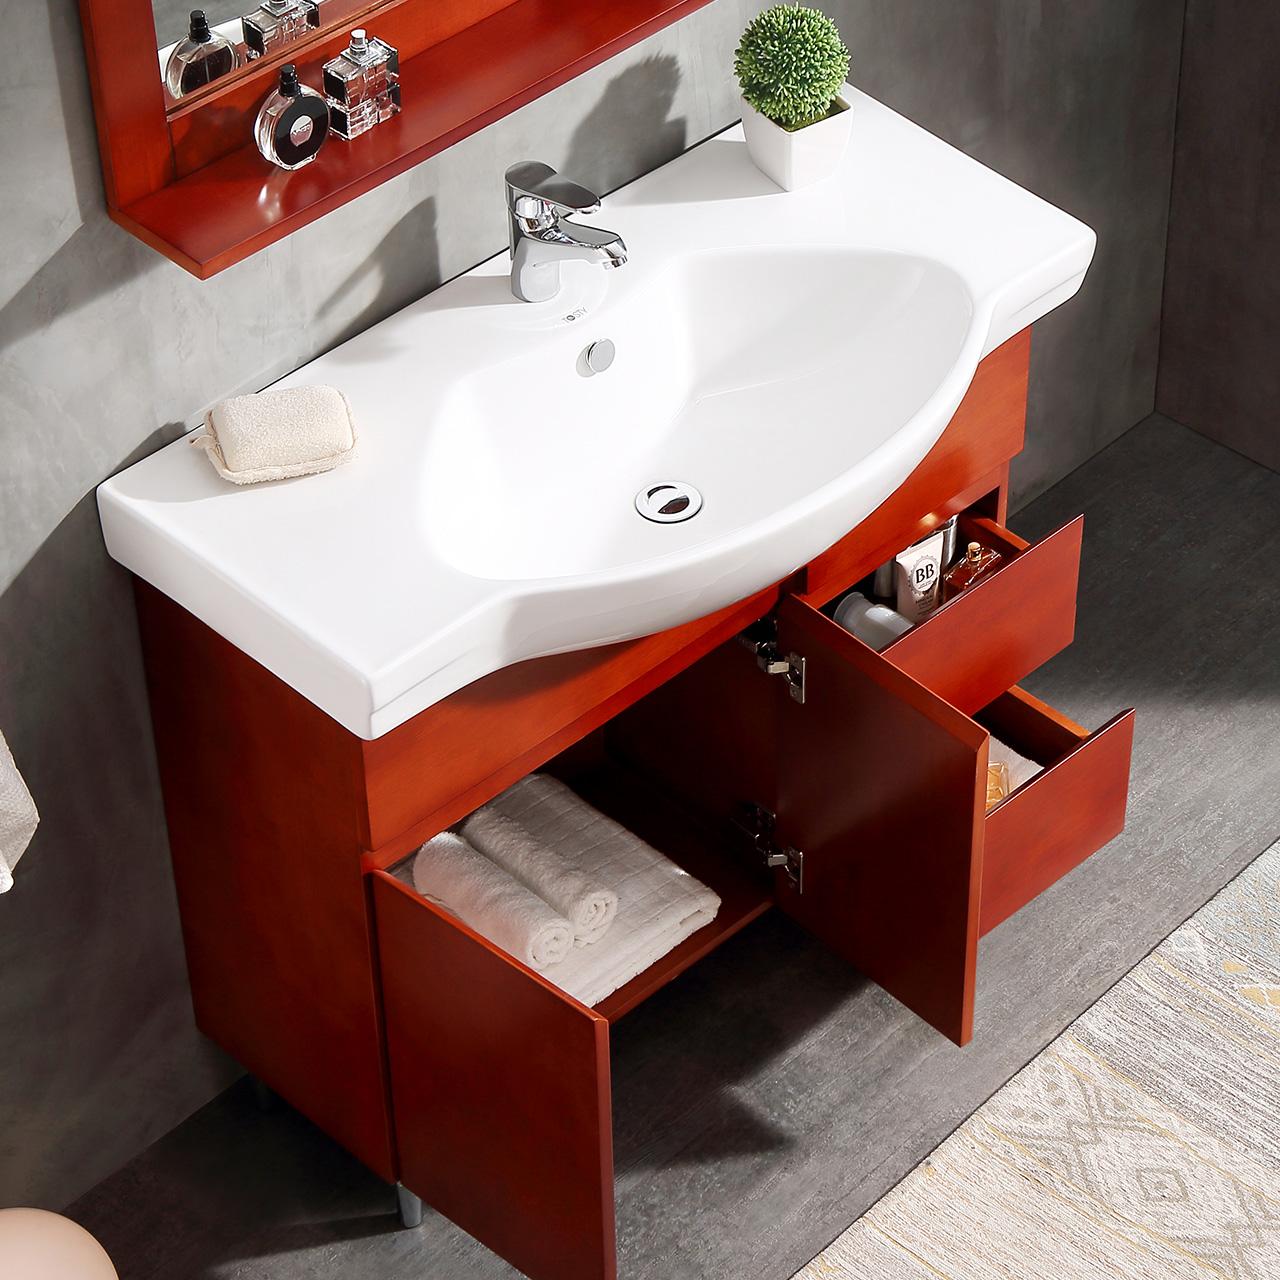 唐彩实木简约美式浴室柜组合洗漱台多收纳落地式洗脸盆组合TC8822